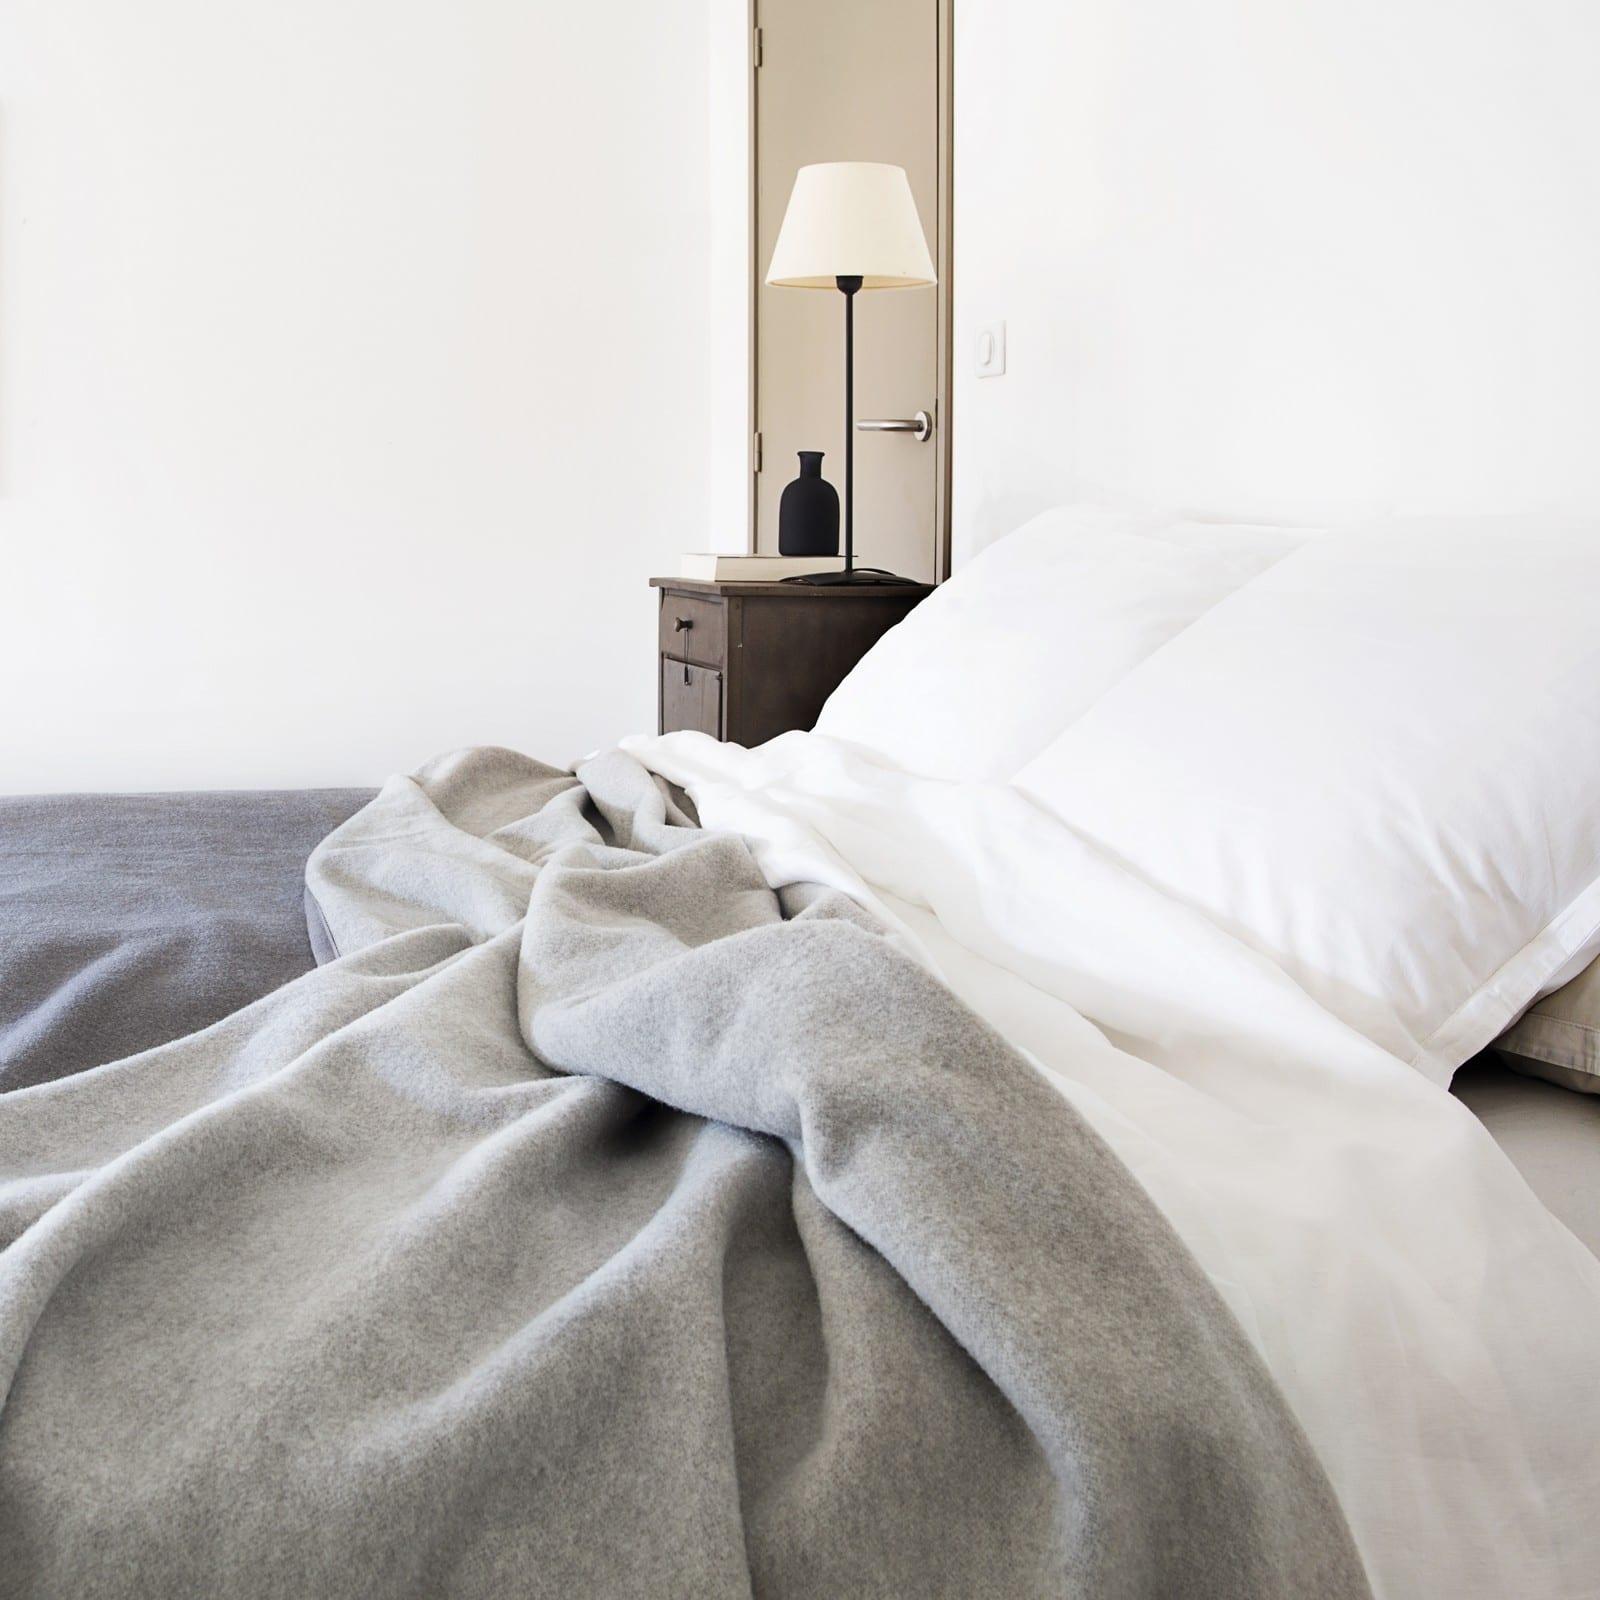 Merinowol-Deken-Camarque-in-de-slaapkamer